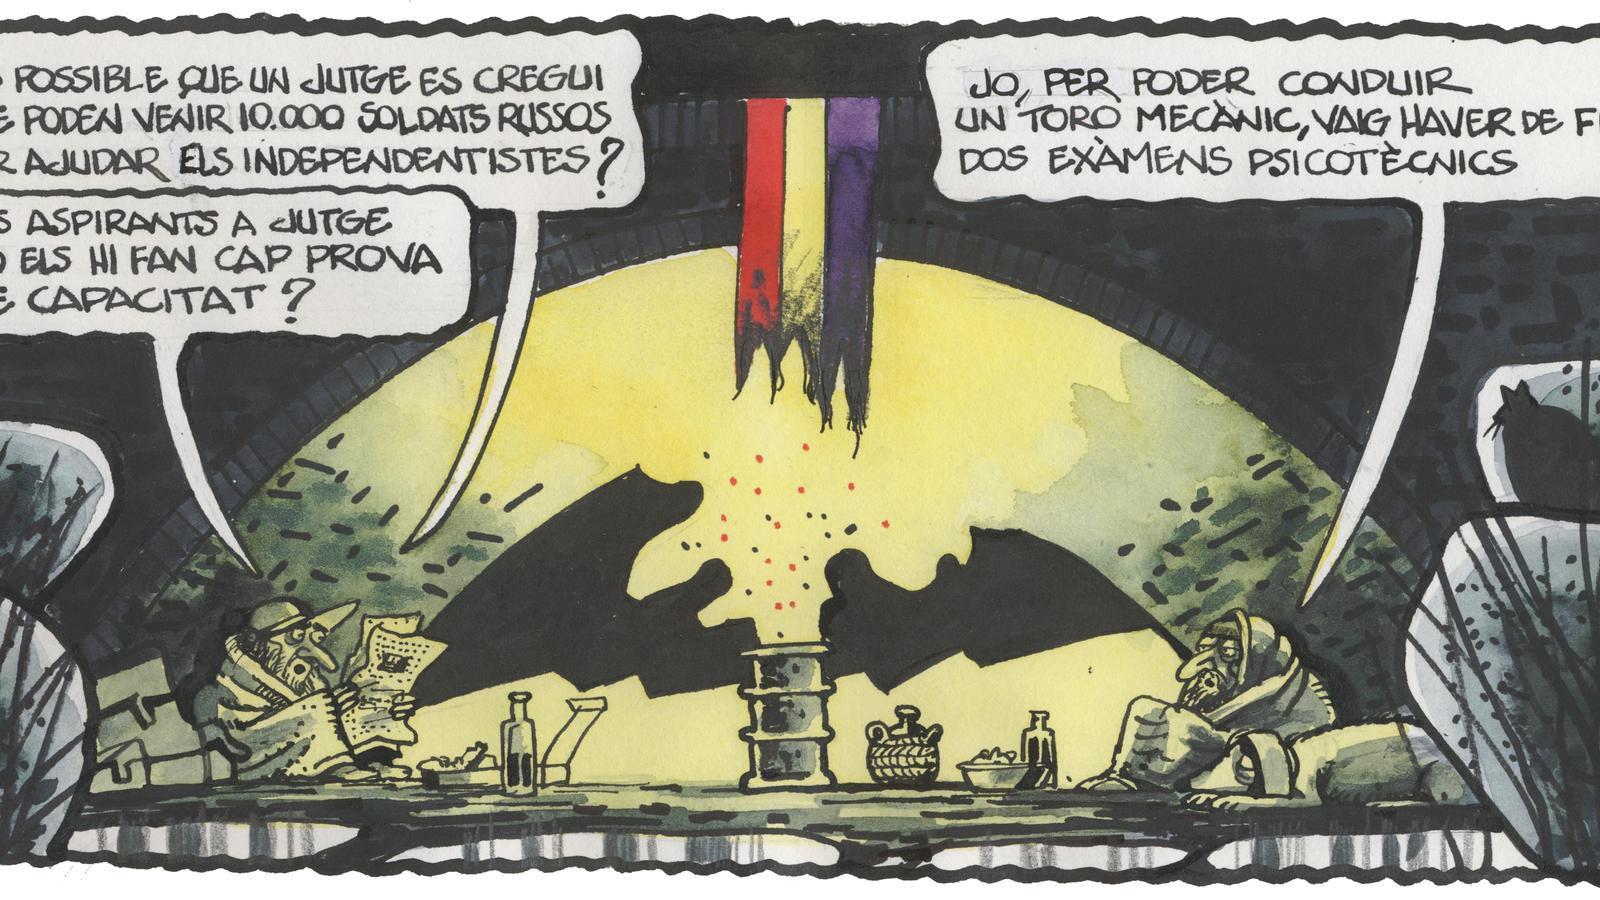 'A la contra', per Ferreres 16/11/2020